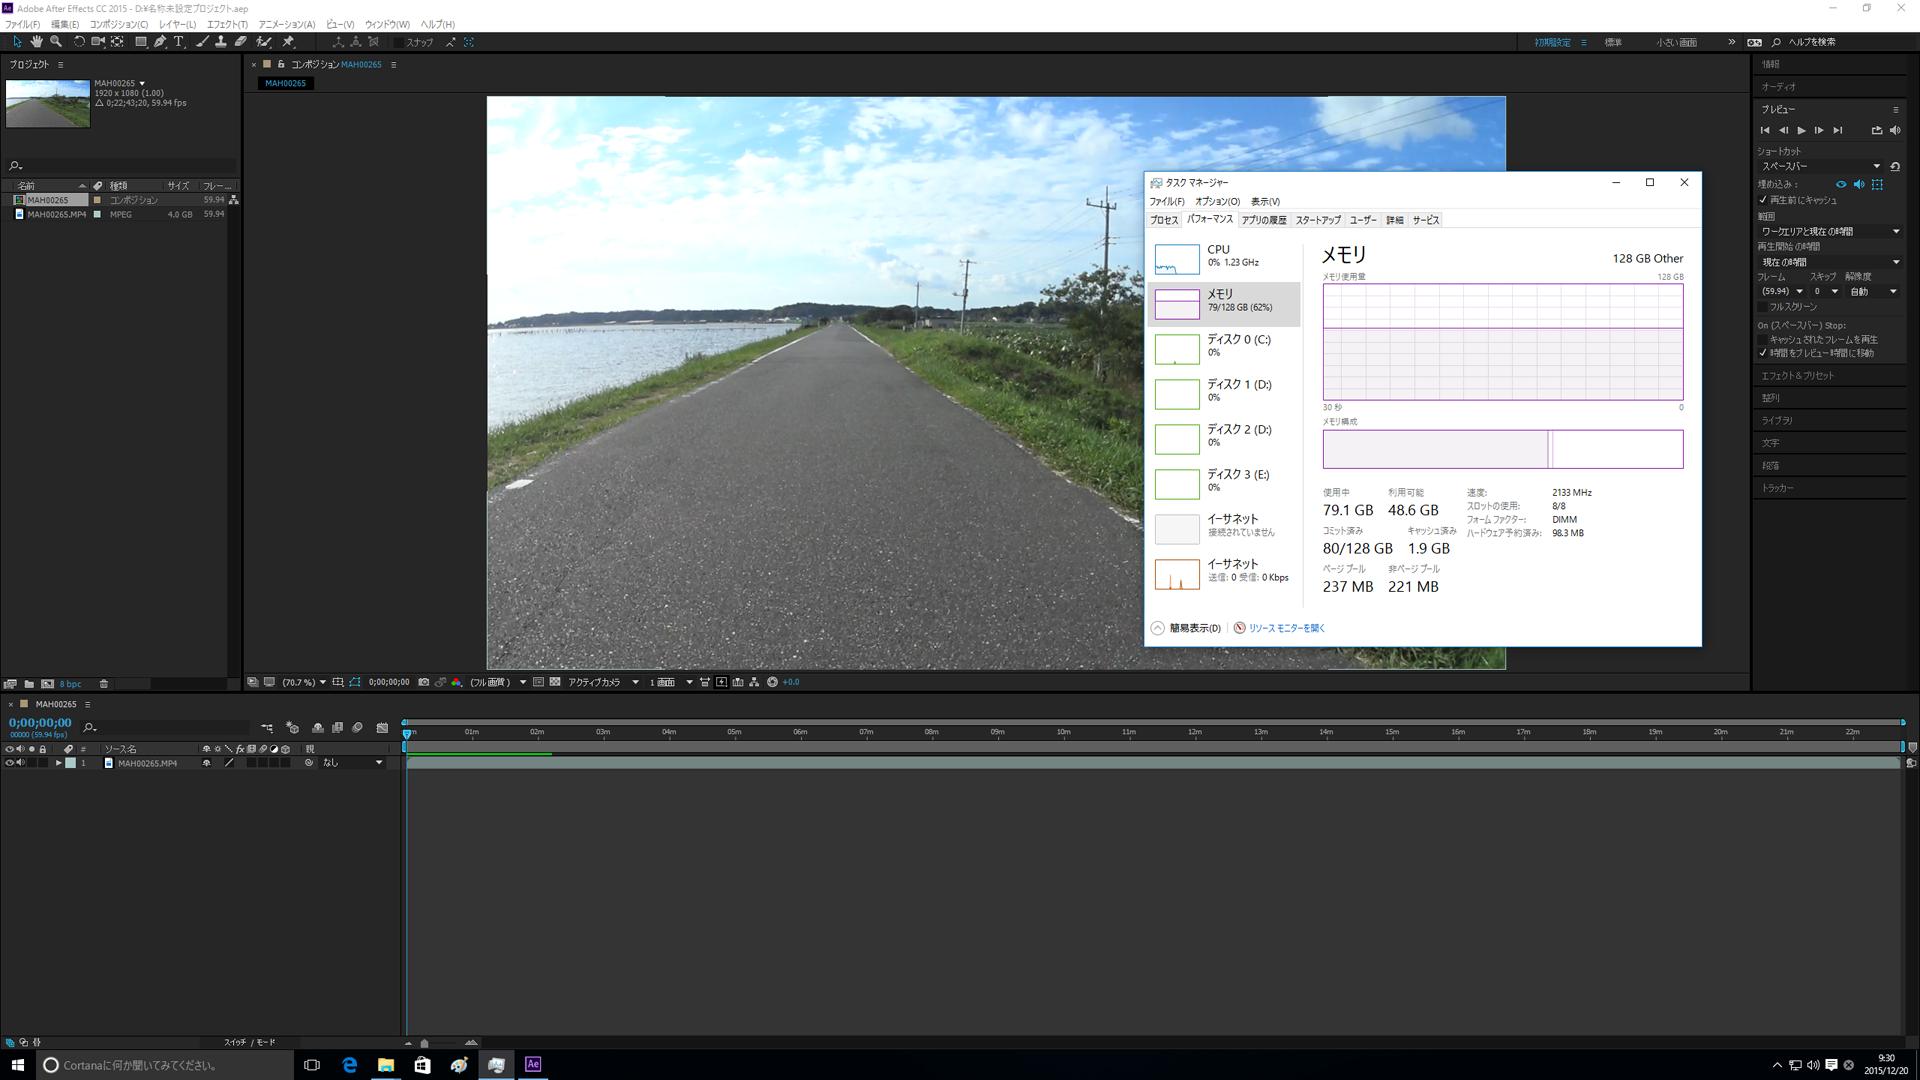 After Effectsが使えるメモリ領域を100GBにした場合(左)と、16GBにした場合(右)のプレビュー時間(フル画質)の違い。100GBで2分14秒、16GBで19秒となった。タイムライン上部の緑色のラインが作成されたプレビューの時間を示している。